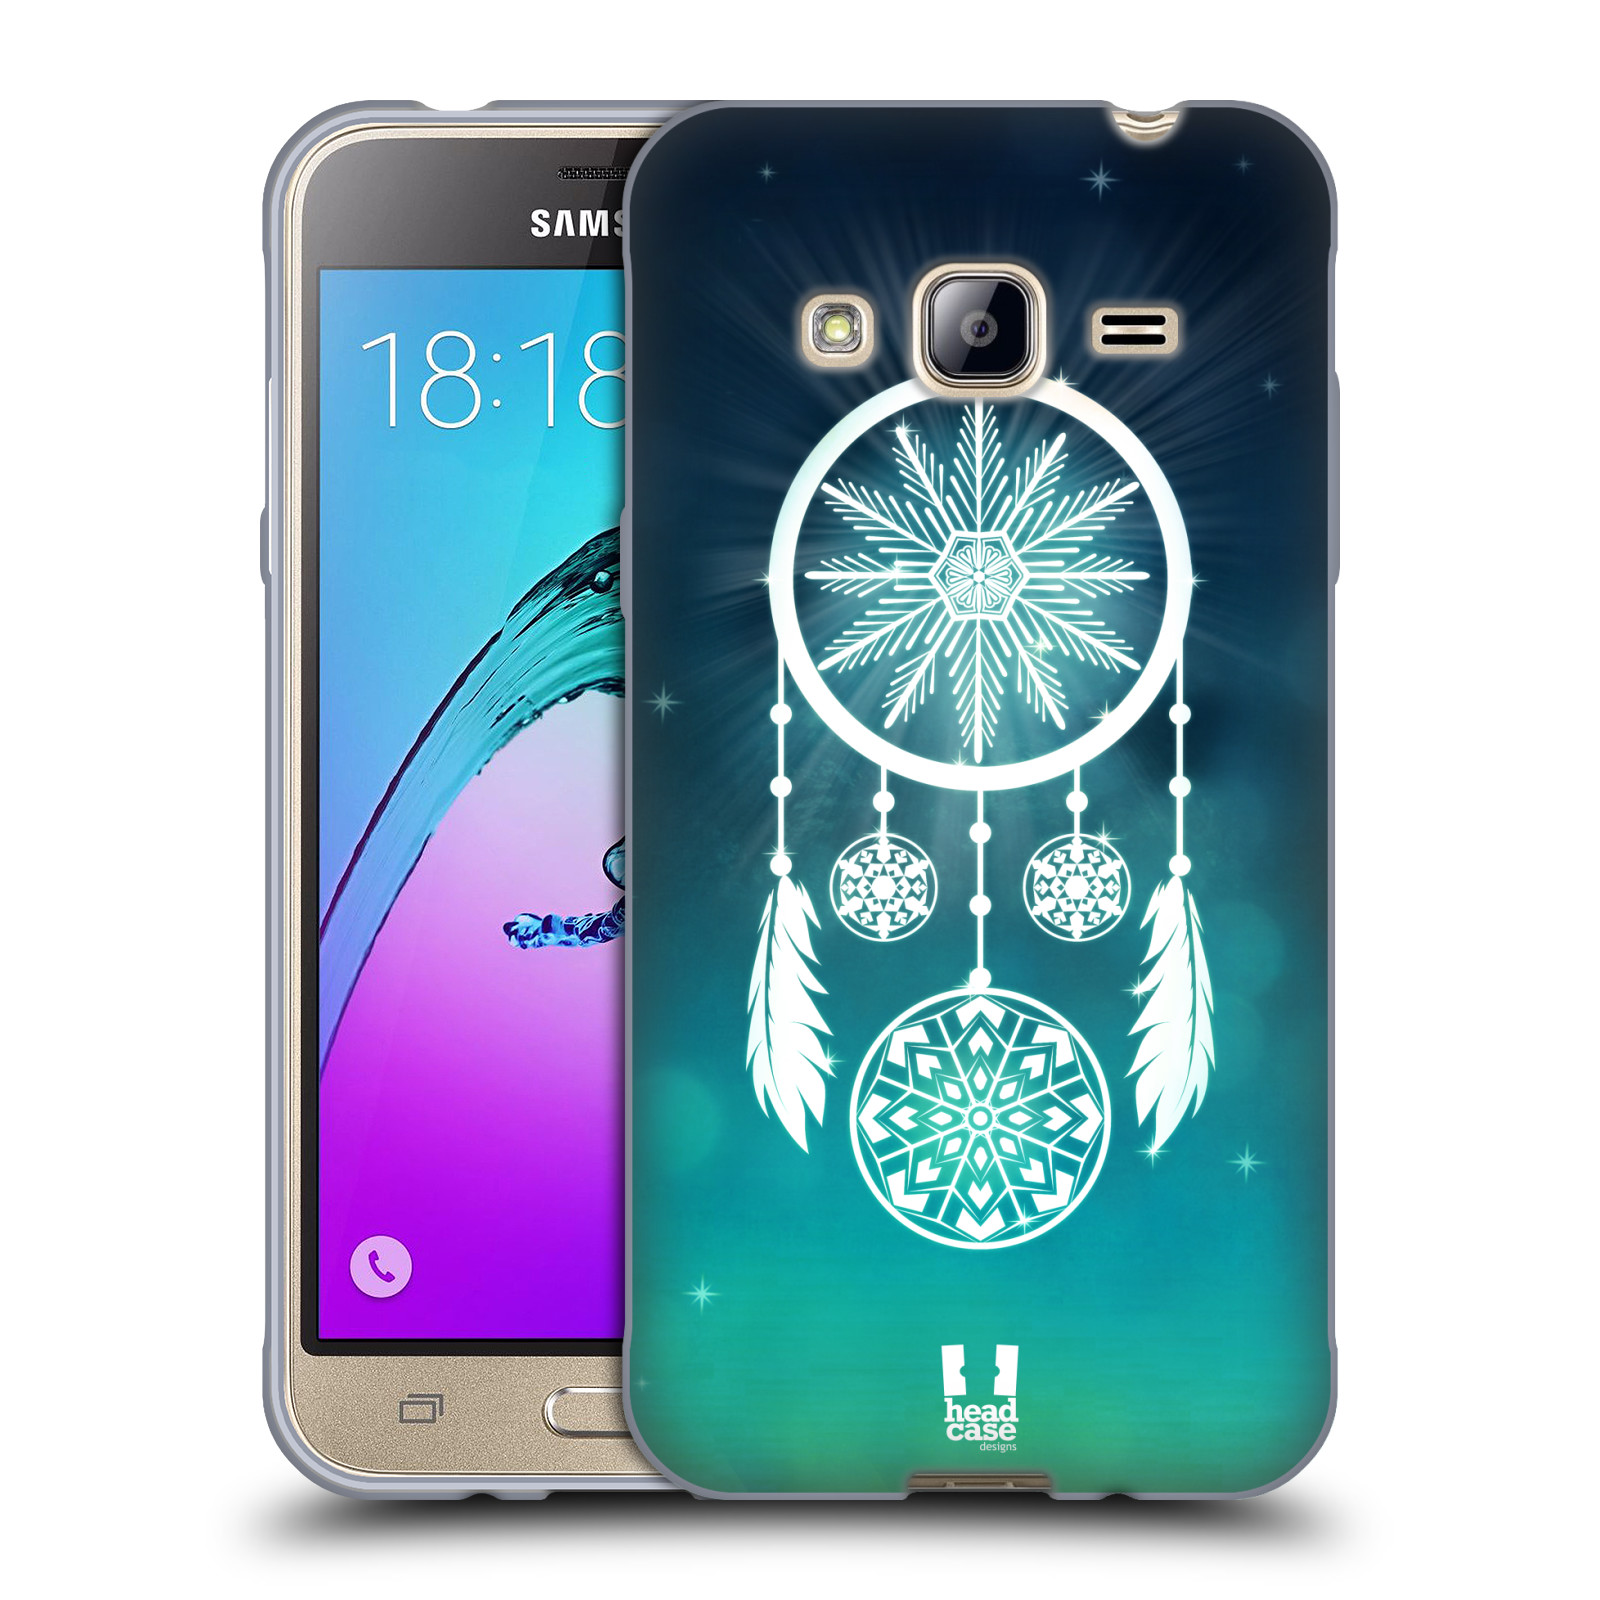 Silikonové pouzdro na mobil Samsung Galaxy J3 (2016) HEAD CASE Lapač vločky 44a906ad7fa